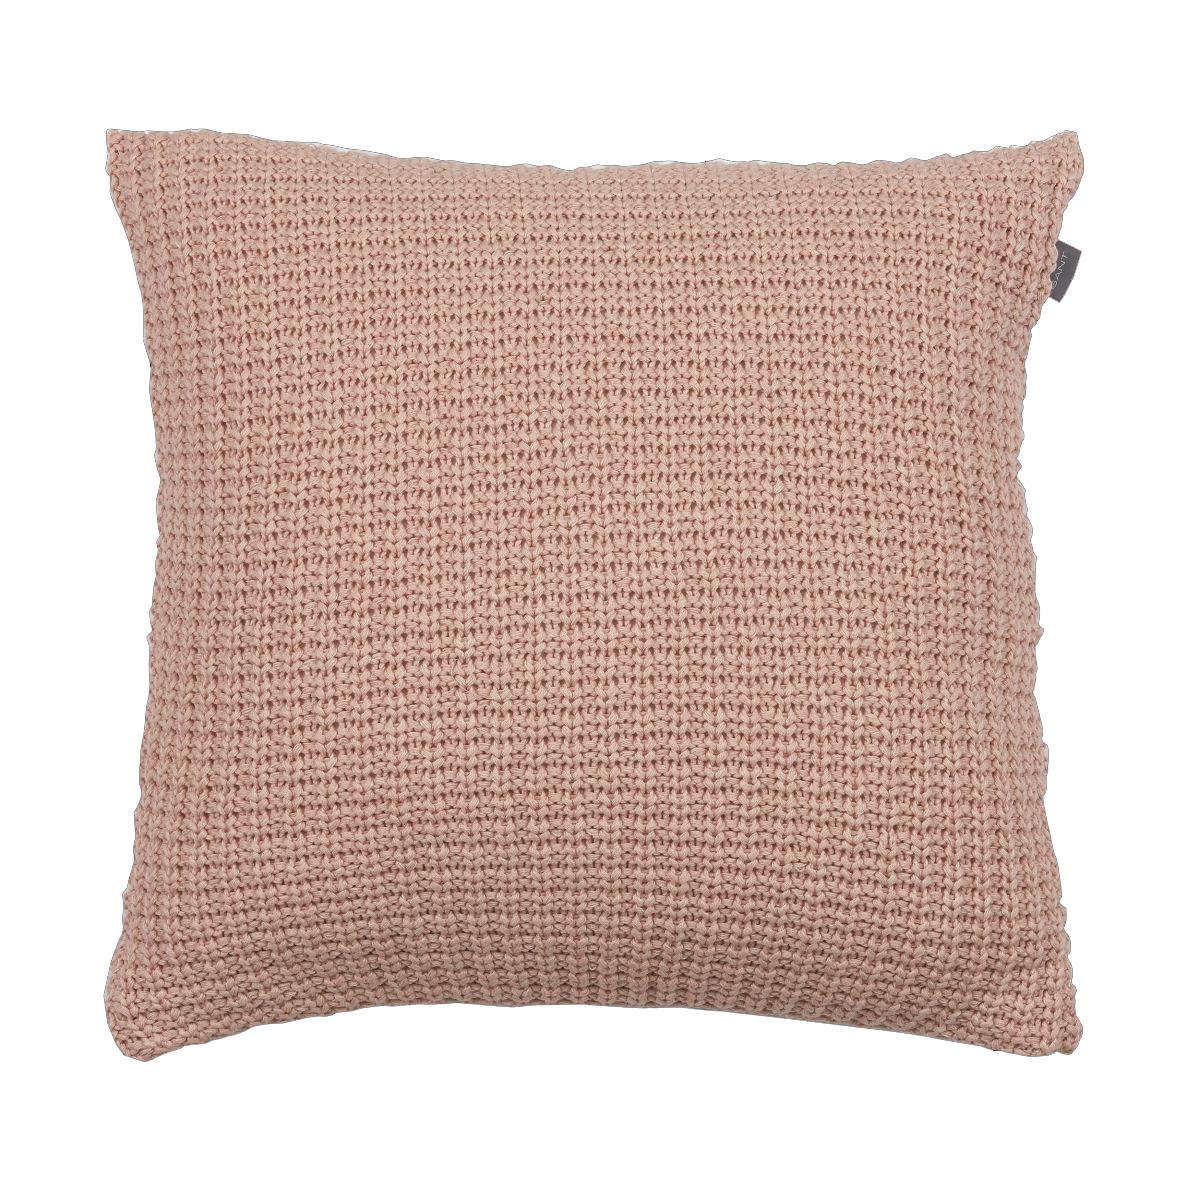 gant melange waffle knit kissenh lle online kaufen bei woonio. Black Bedroom Furniture Sets. Home Design Ideas